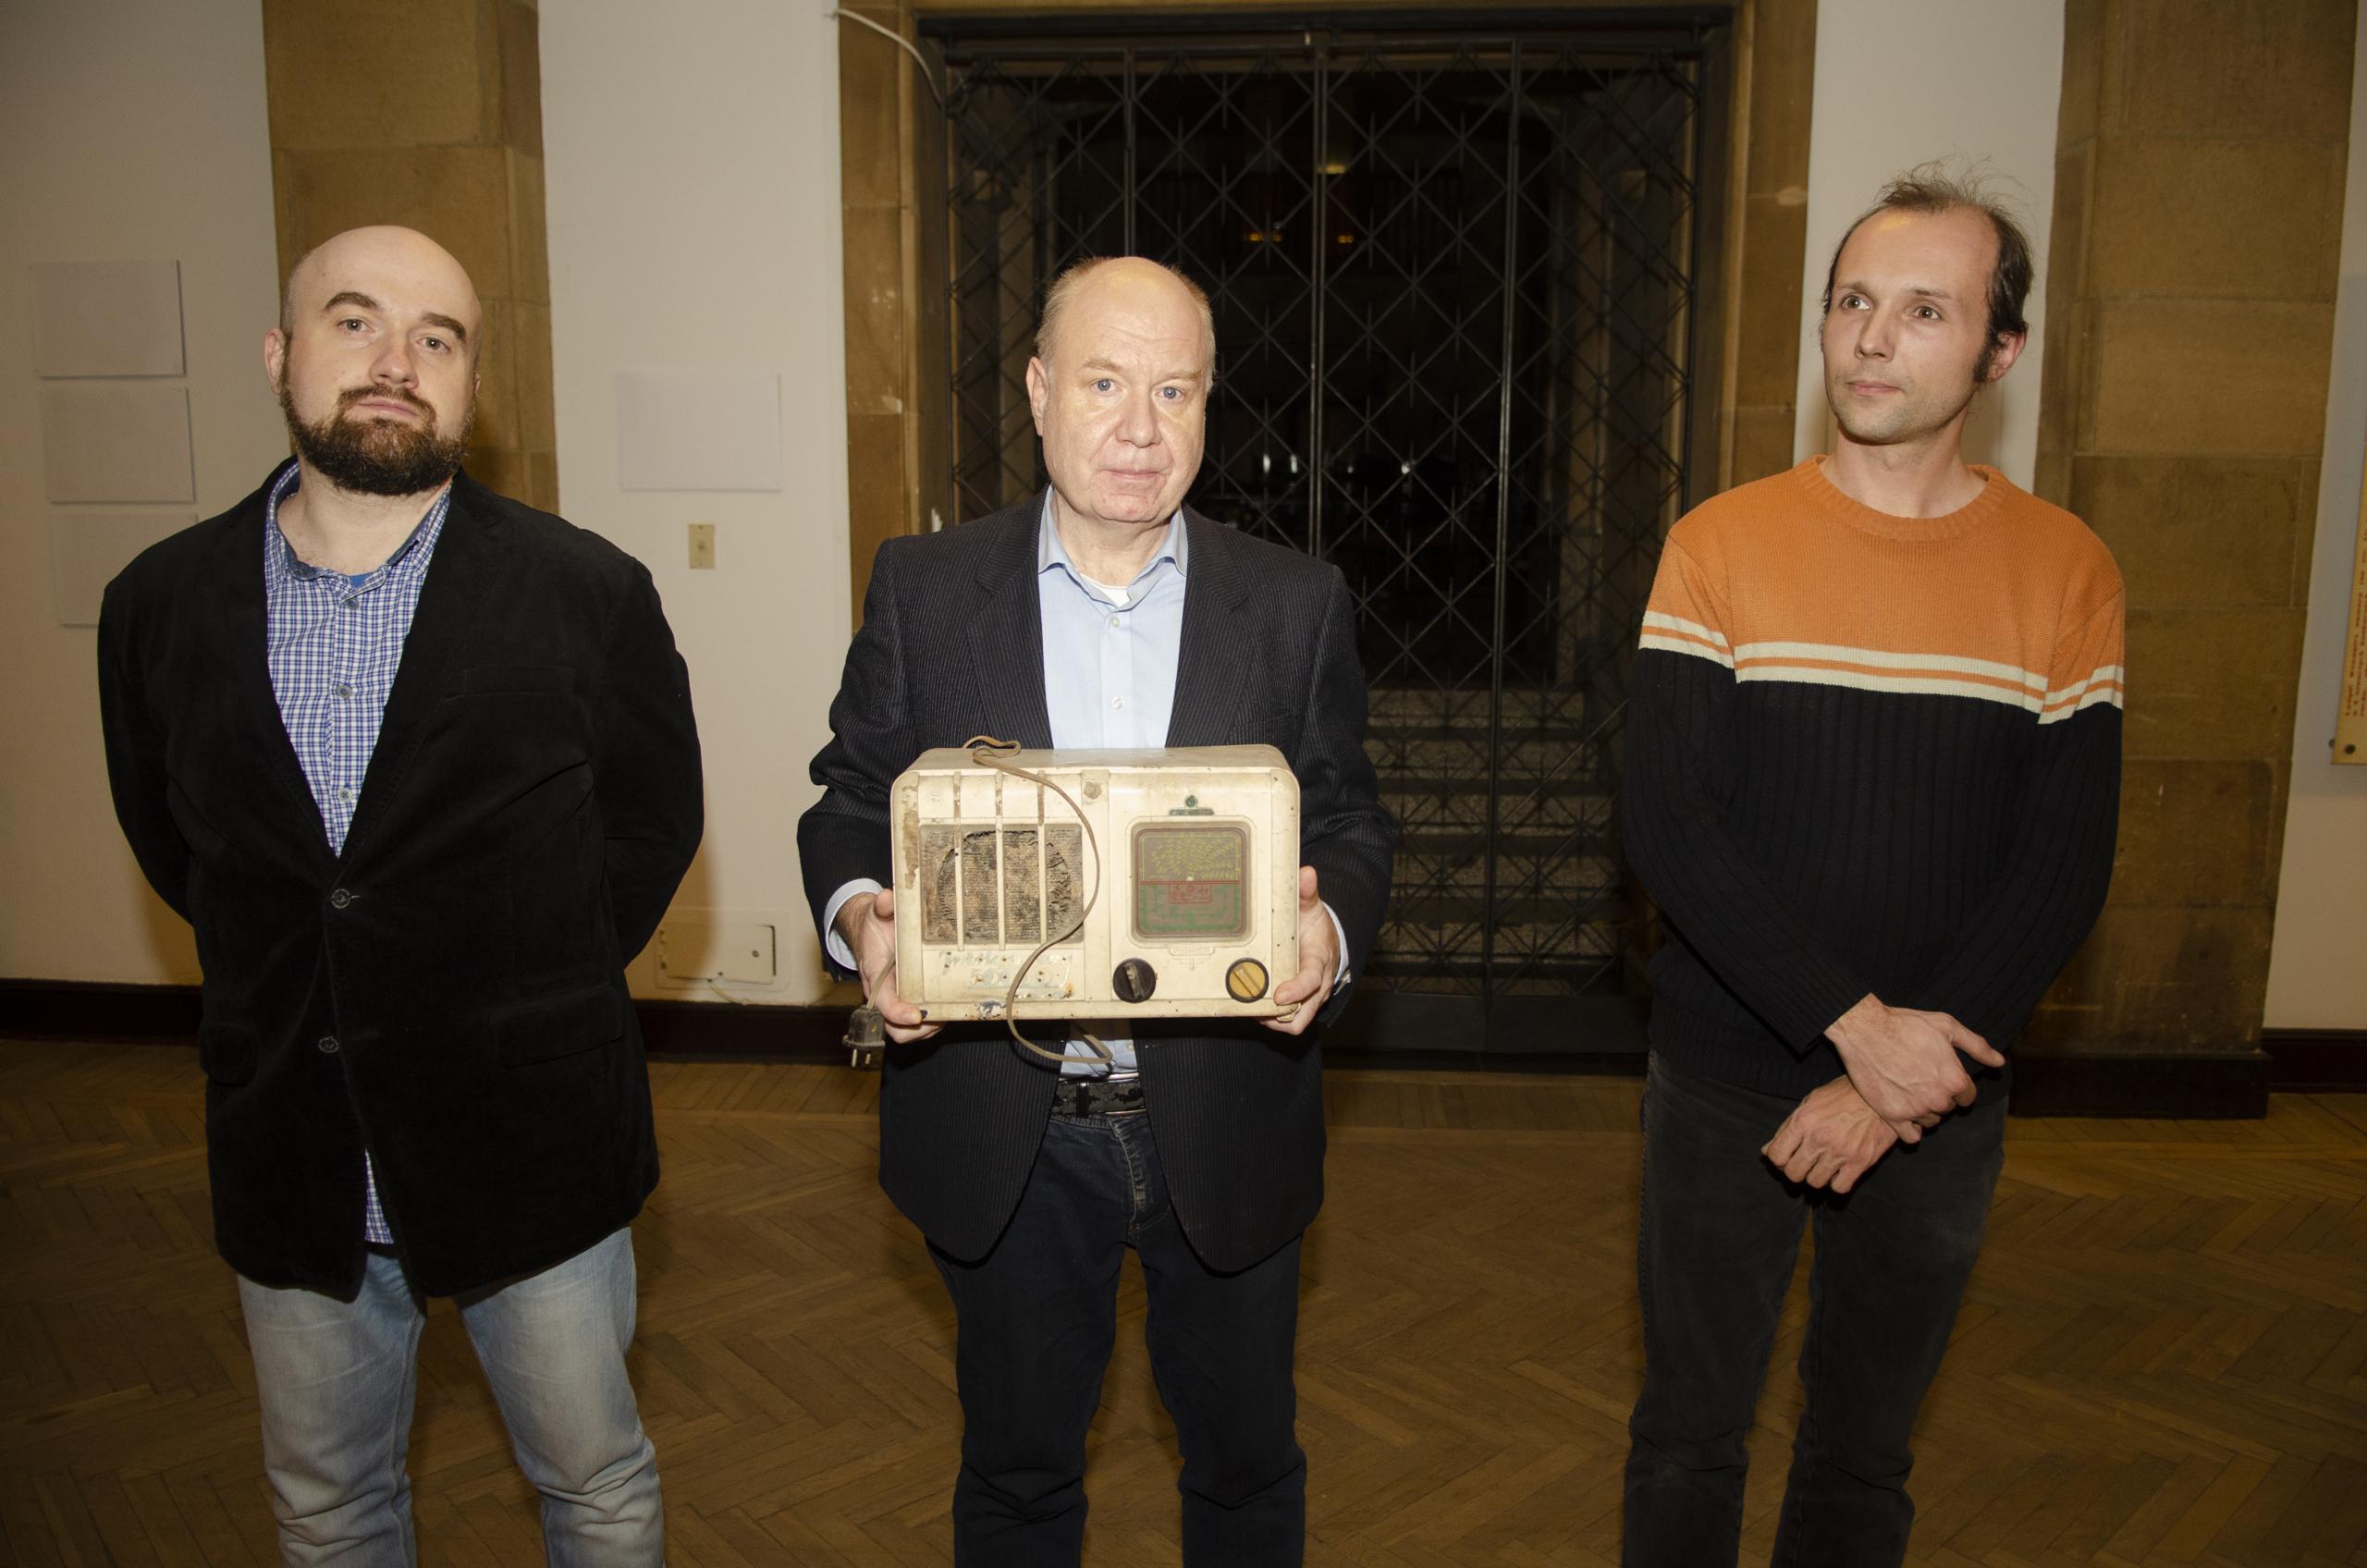 Na zdjęciu moment przekazania radia: wśrodku pan Jerzy Lemański zMuzeum Techniki, no imy :) - Paweł Starewicz iJarek Zuzga.